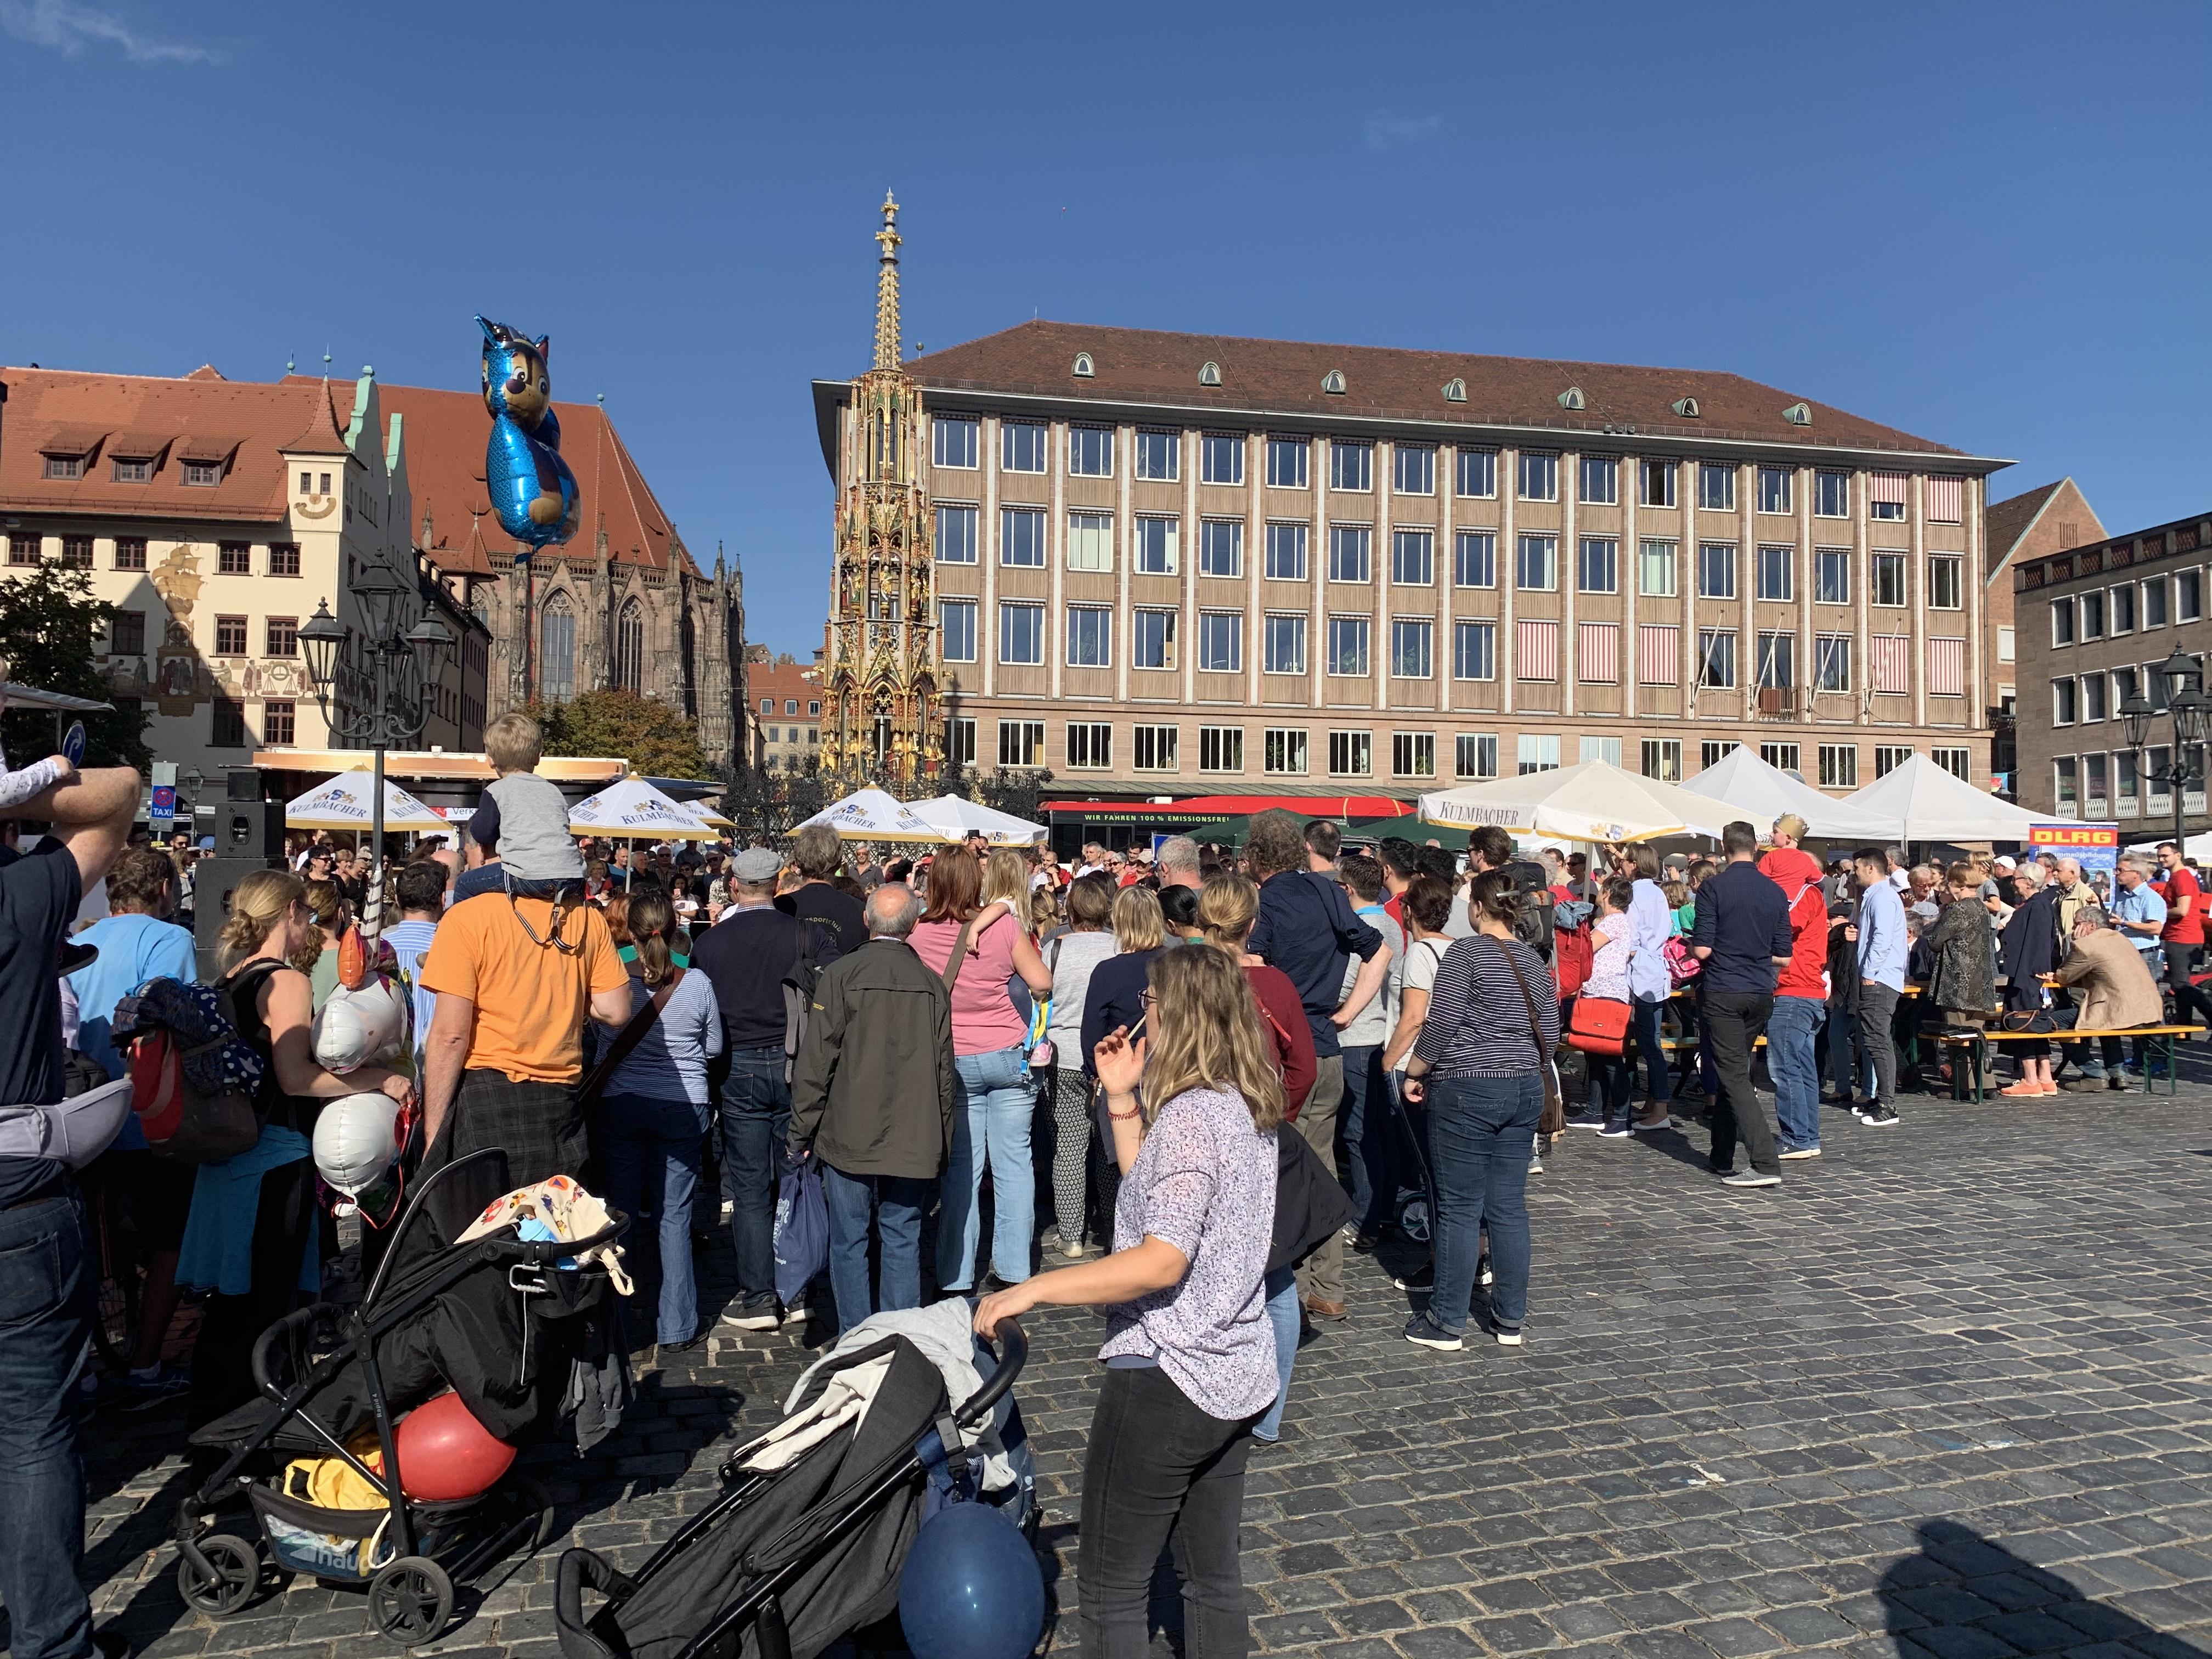 nürnberg_frauenkirche_marktplatz_stadt